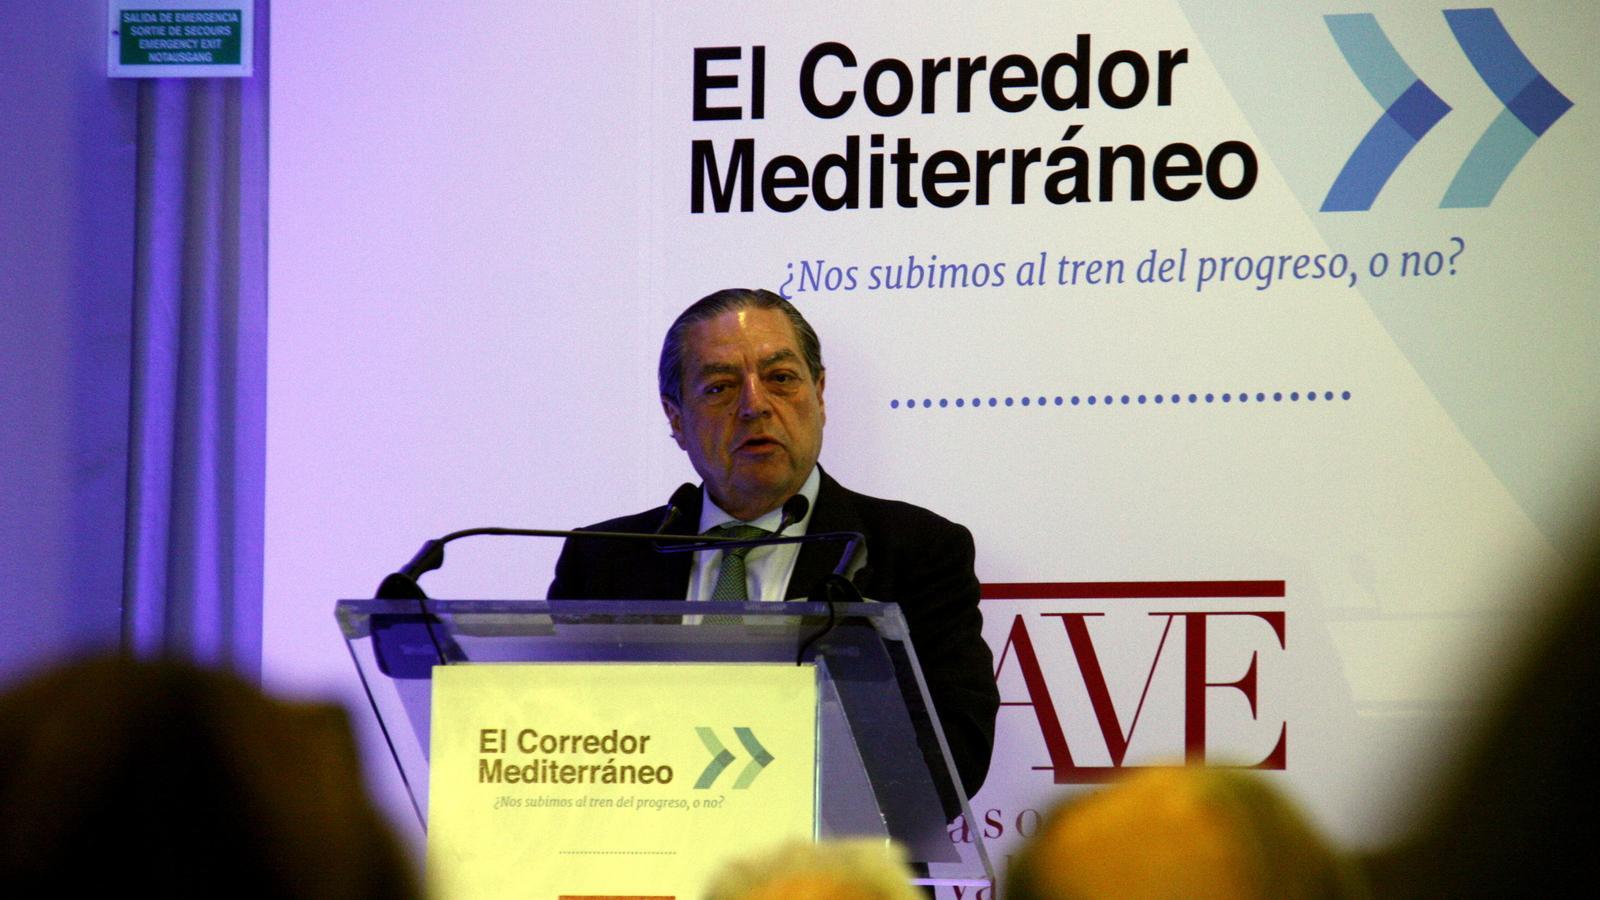 El president de l'Associació Valenciana d'Empresaris, Vicente Boluda, durant la presentació de la web que mostra l'evolució de les obres del corredor mediterrani.